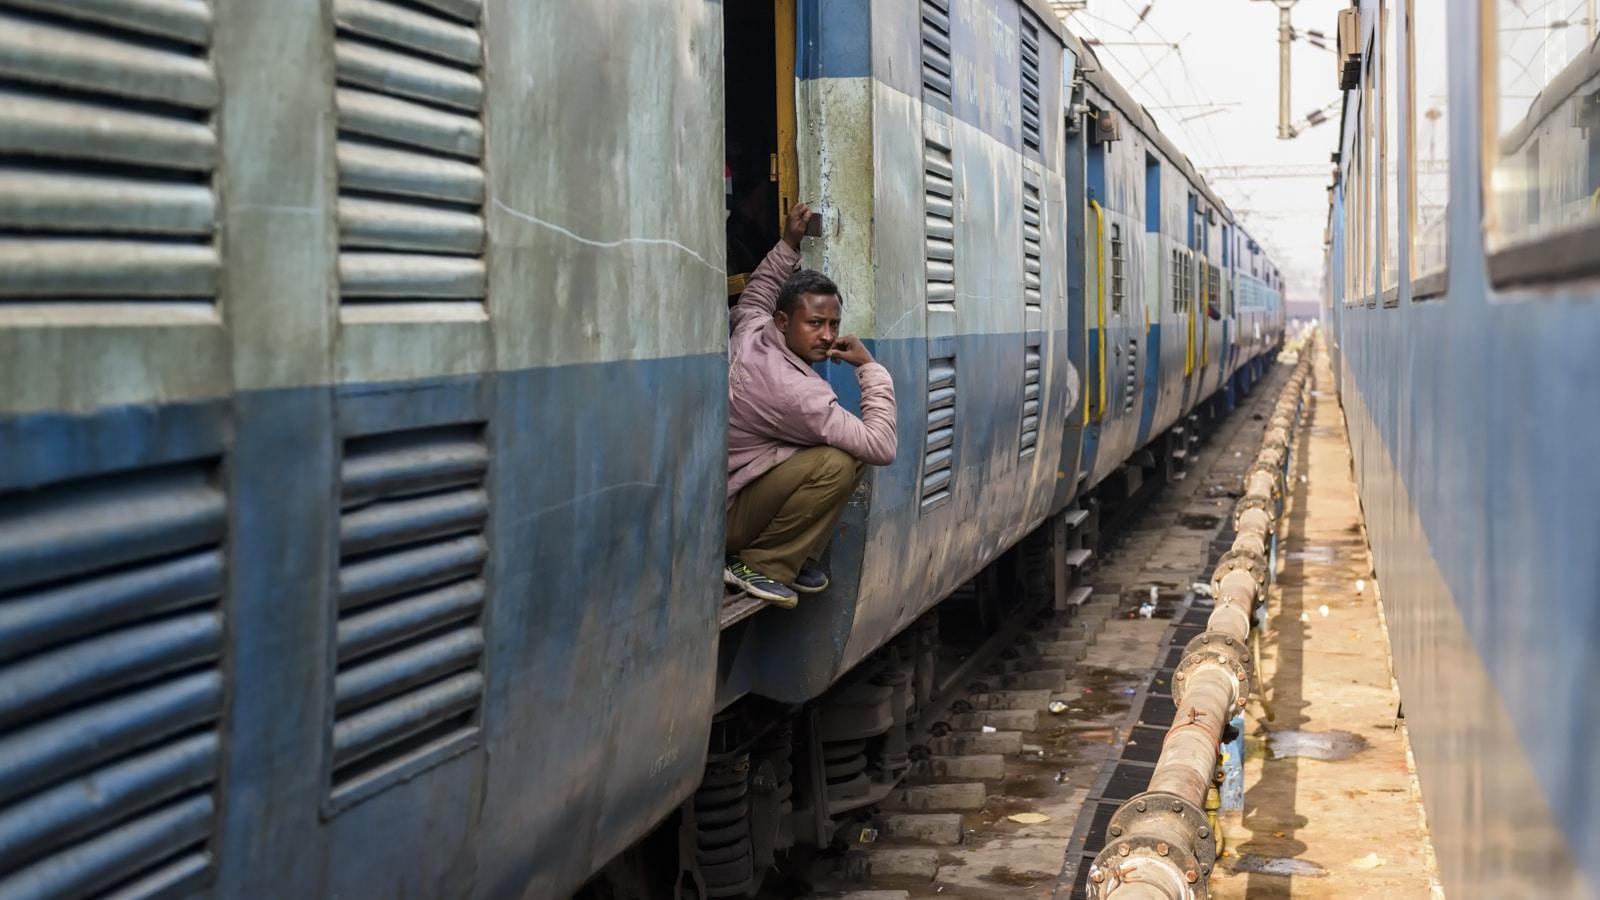 Voyage organisé en petit groupe - Train Rishikesh - Inde - Agence de voyage Les Routes du Monde